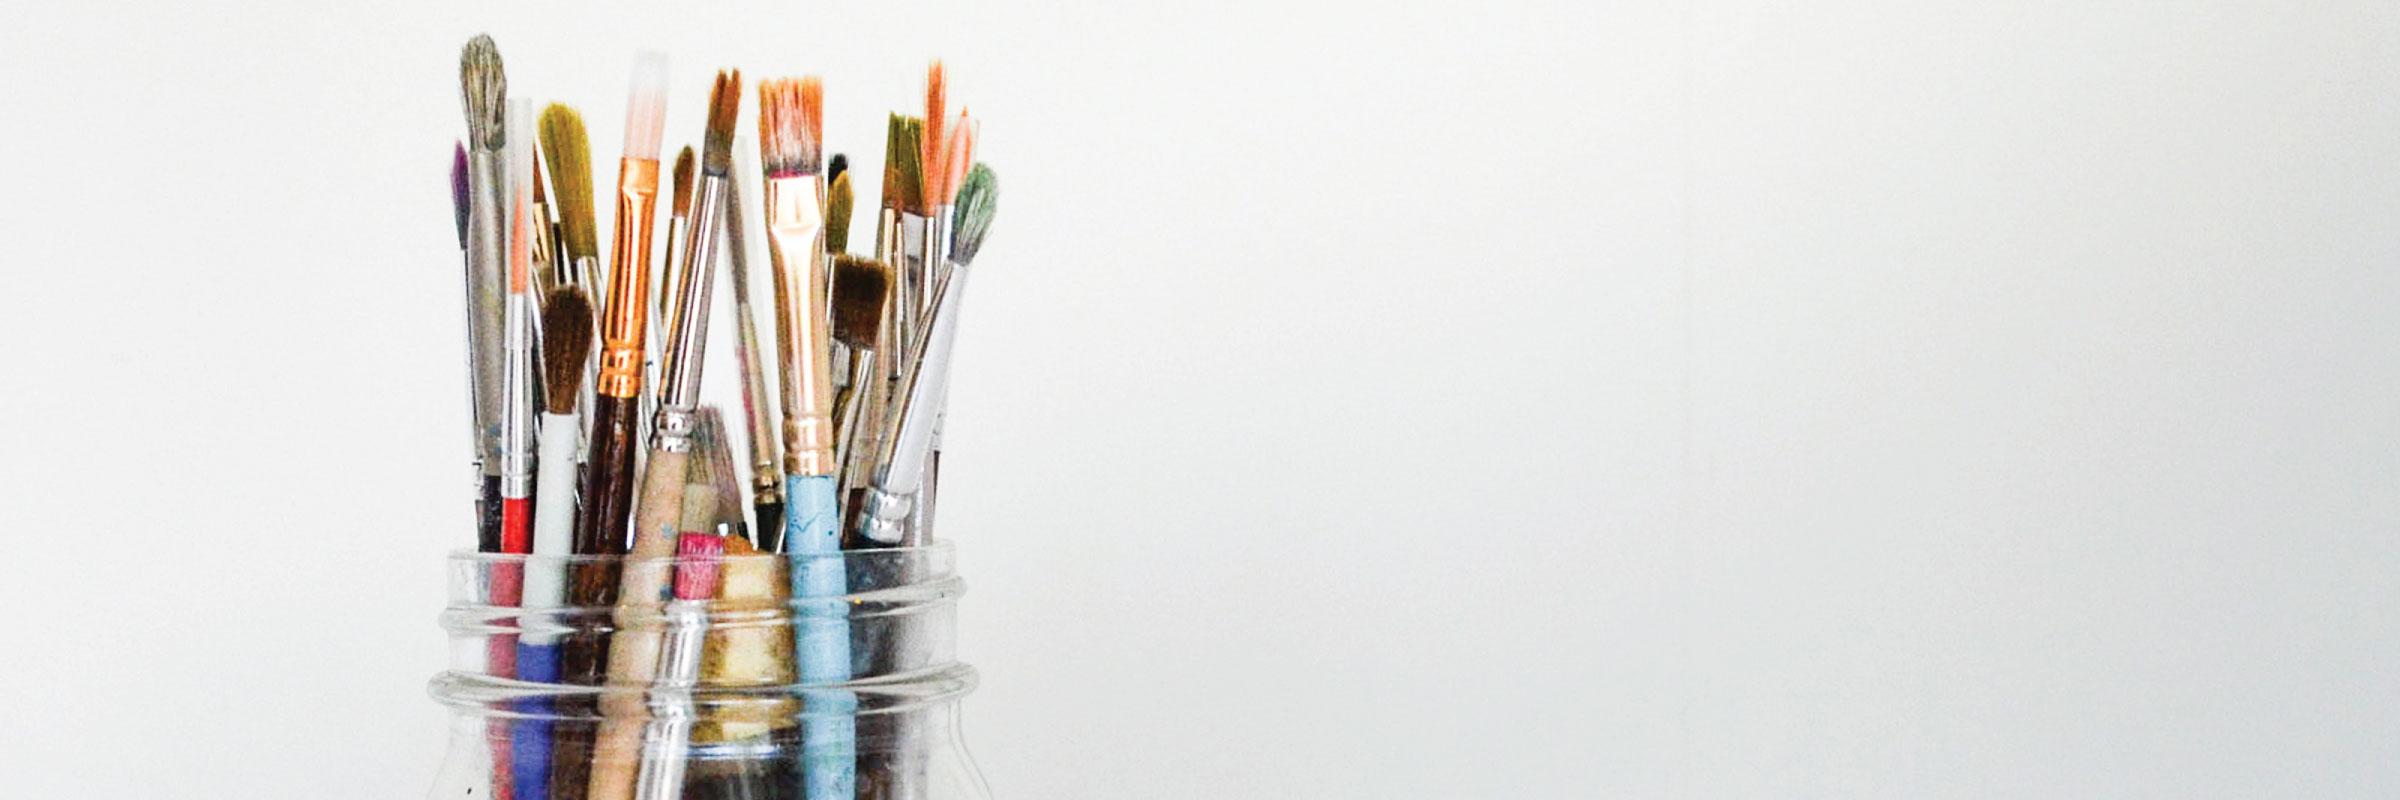 PPDC-Brushes-Slider-